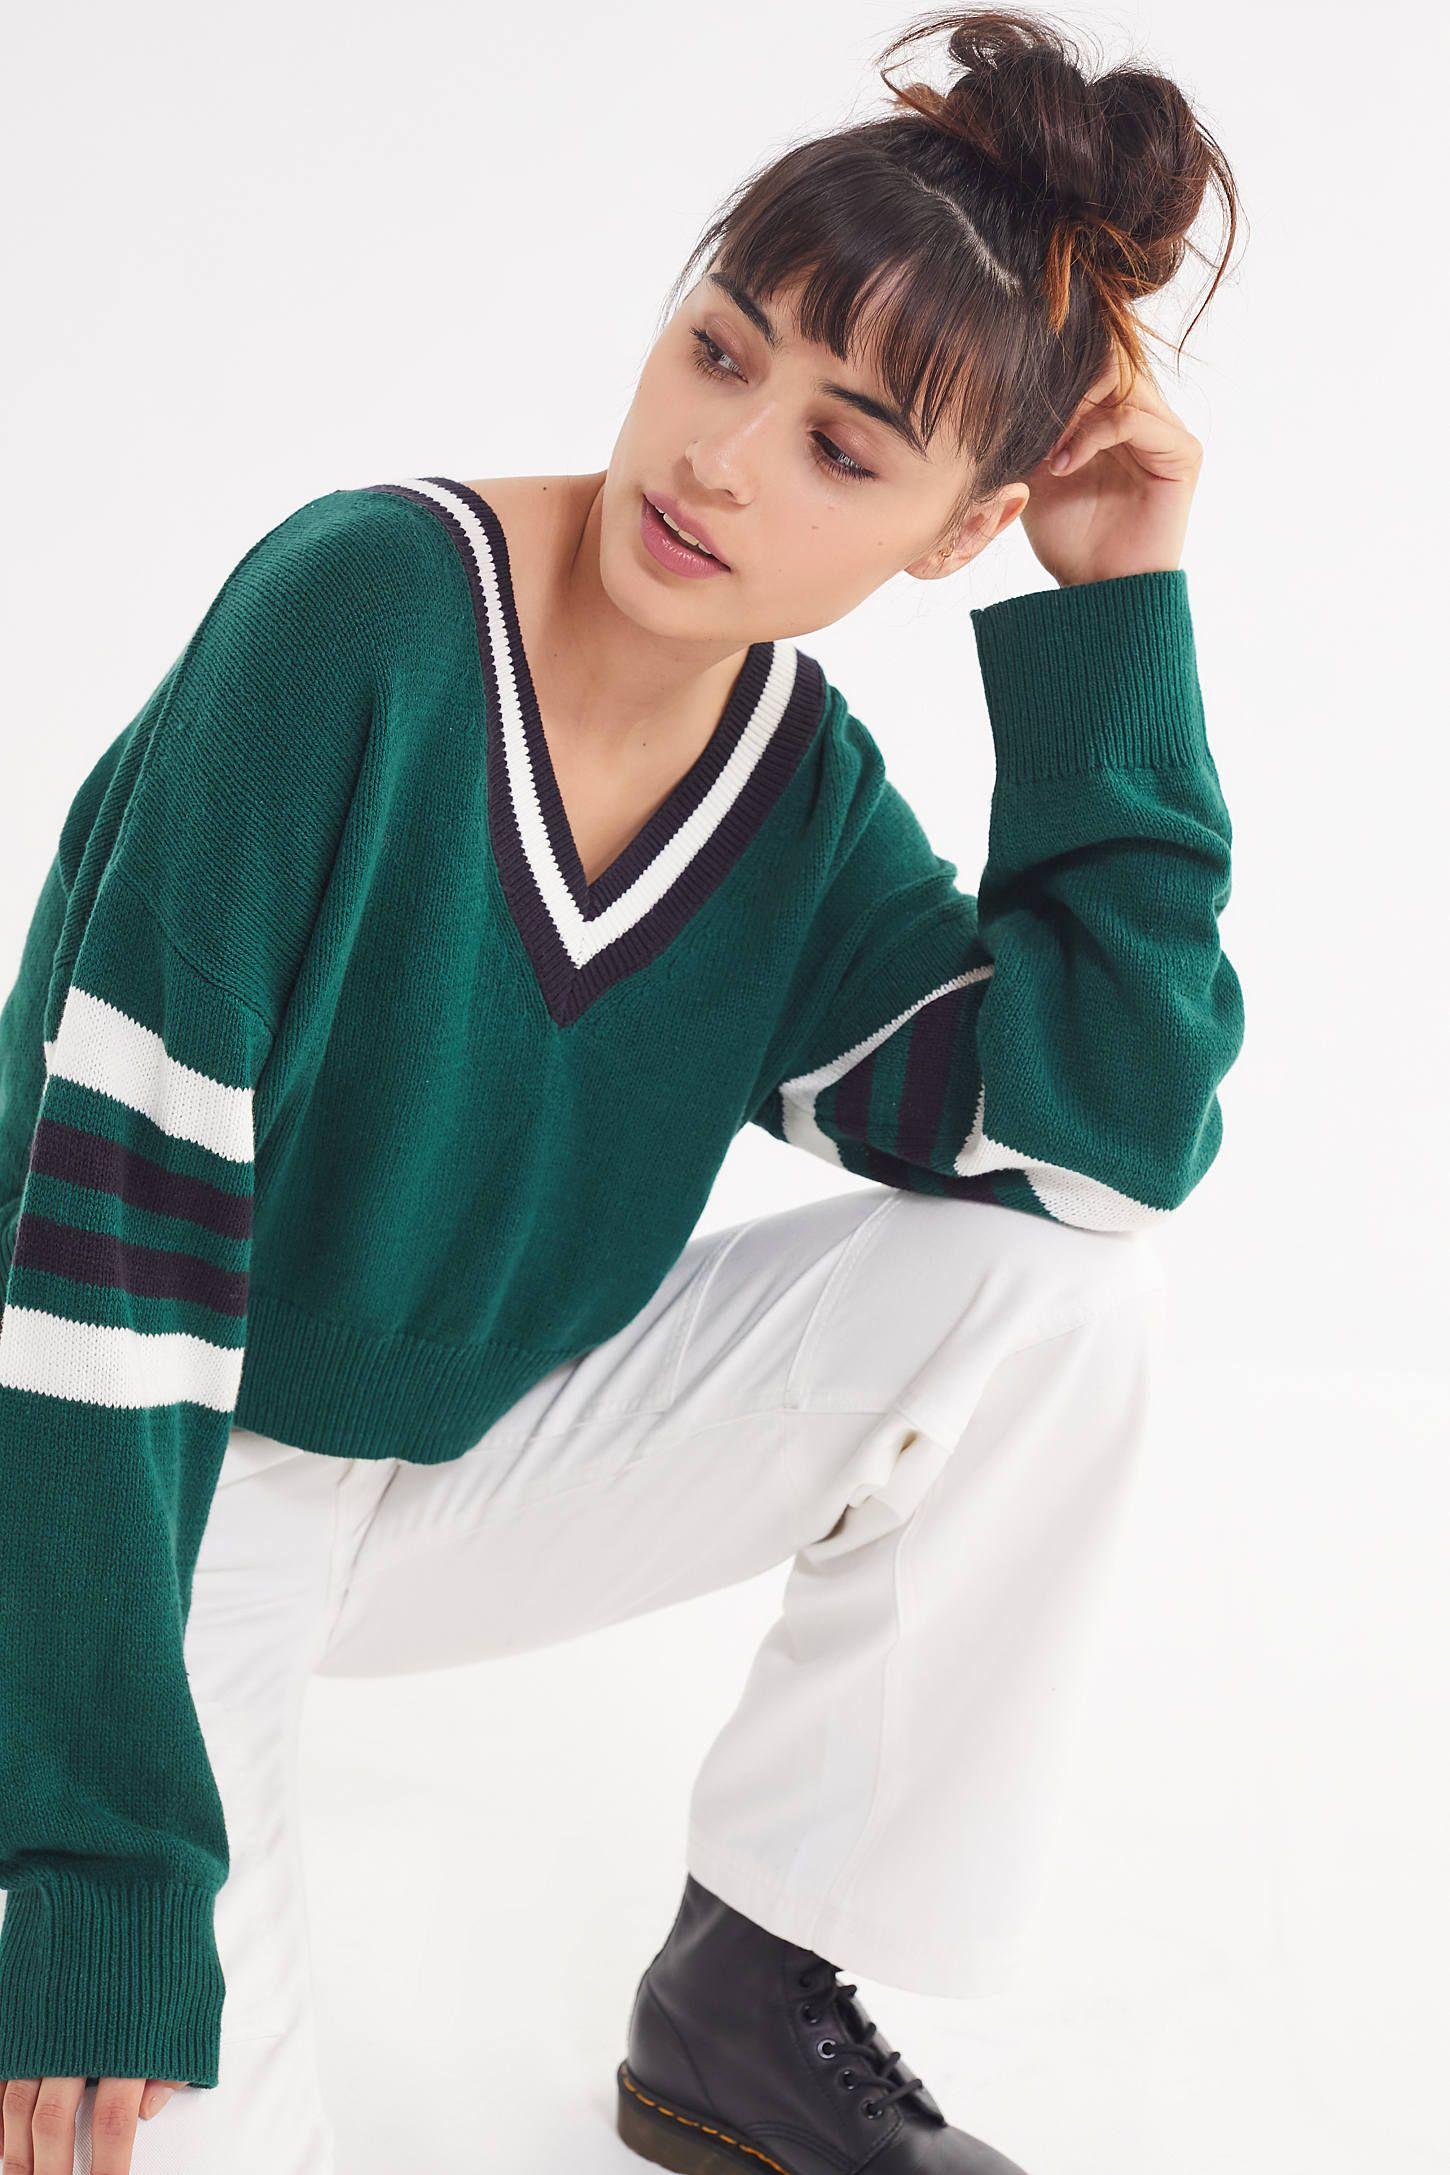 Uo Kristen V Neck Varsity Sweater Varsity Sweater Cardigans For Women Extra Long Sleeves